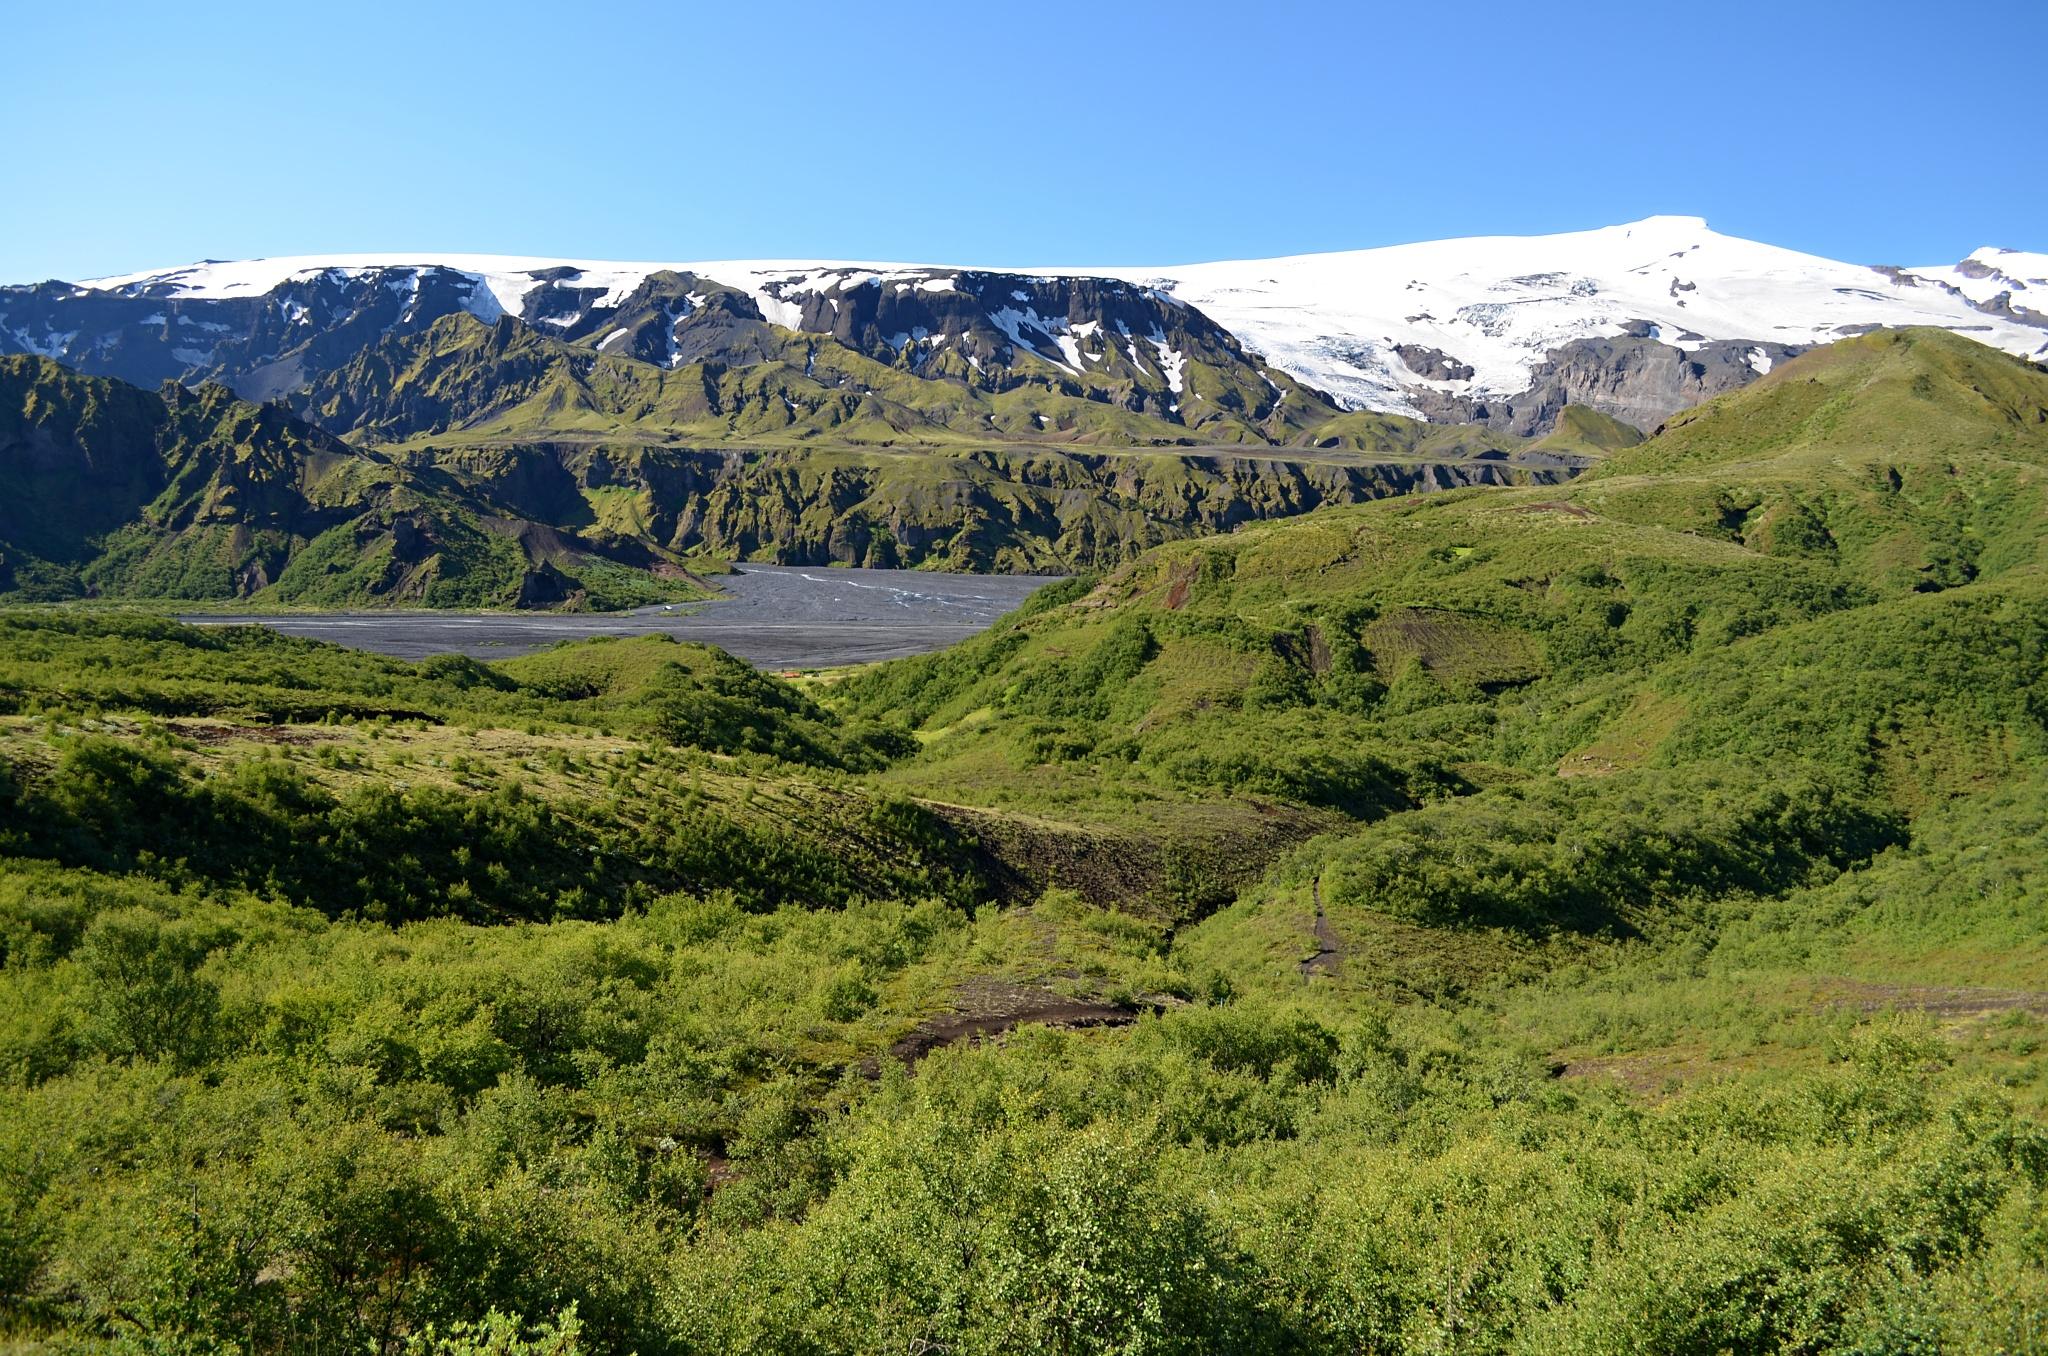 Poslední pohled na Þórsmörk a ledovec Eyjafjallajökull